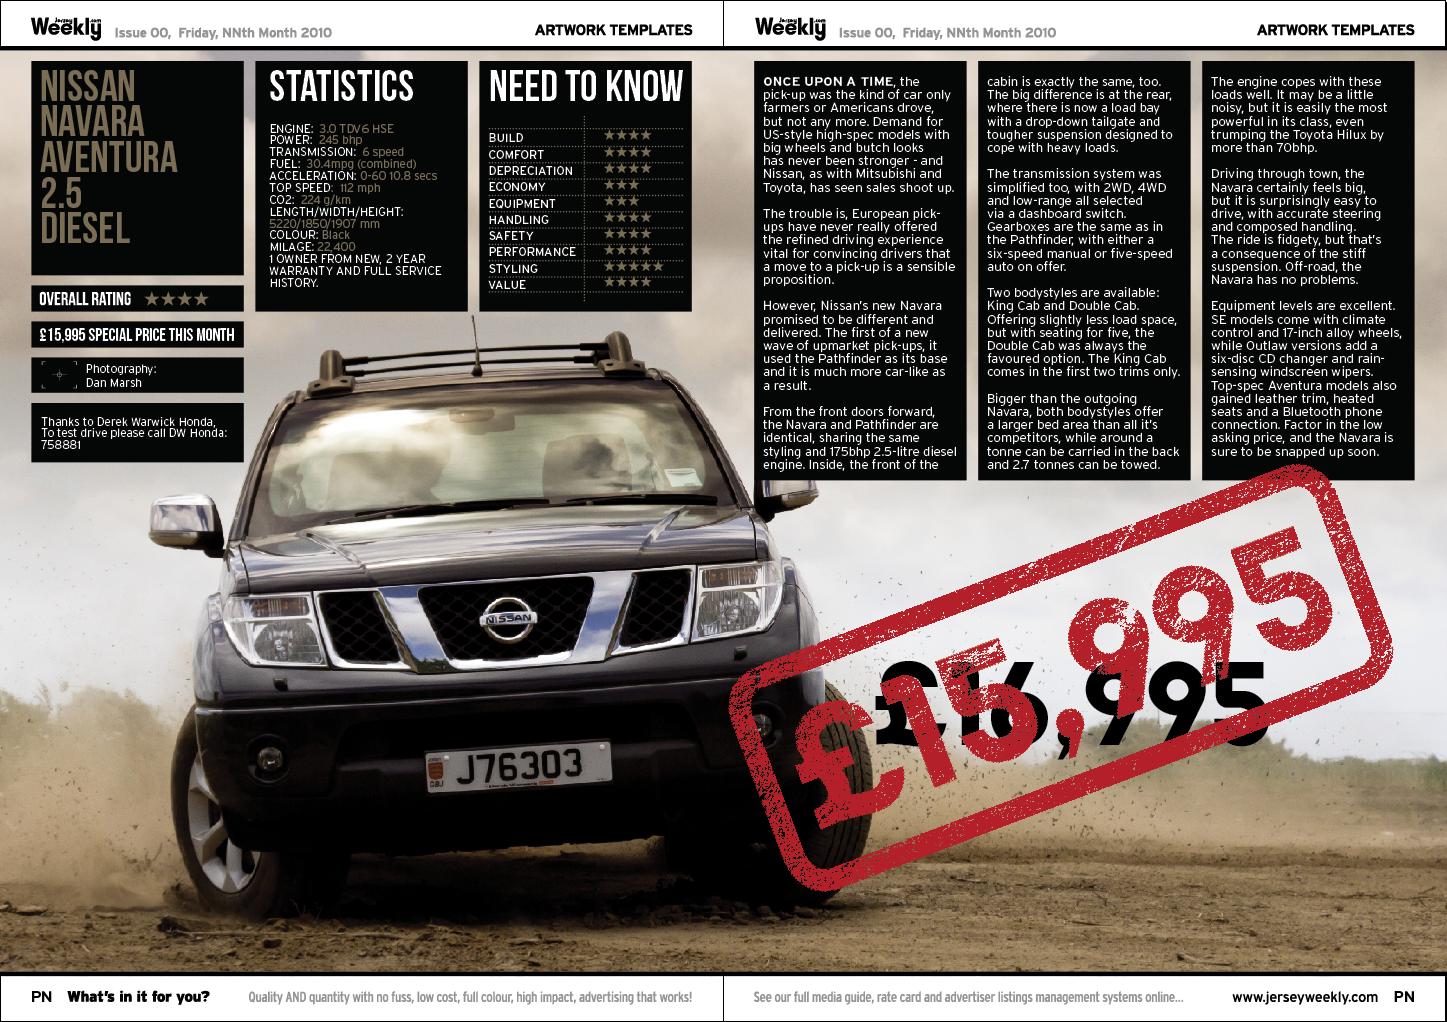 Jon Moore: Nissan Navara - Used Car #3